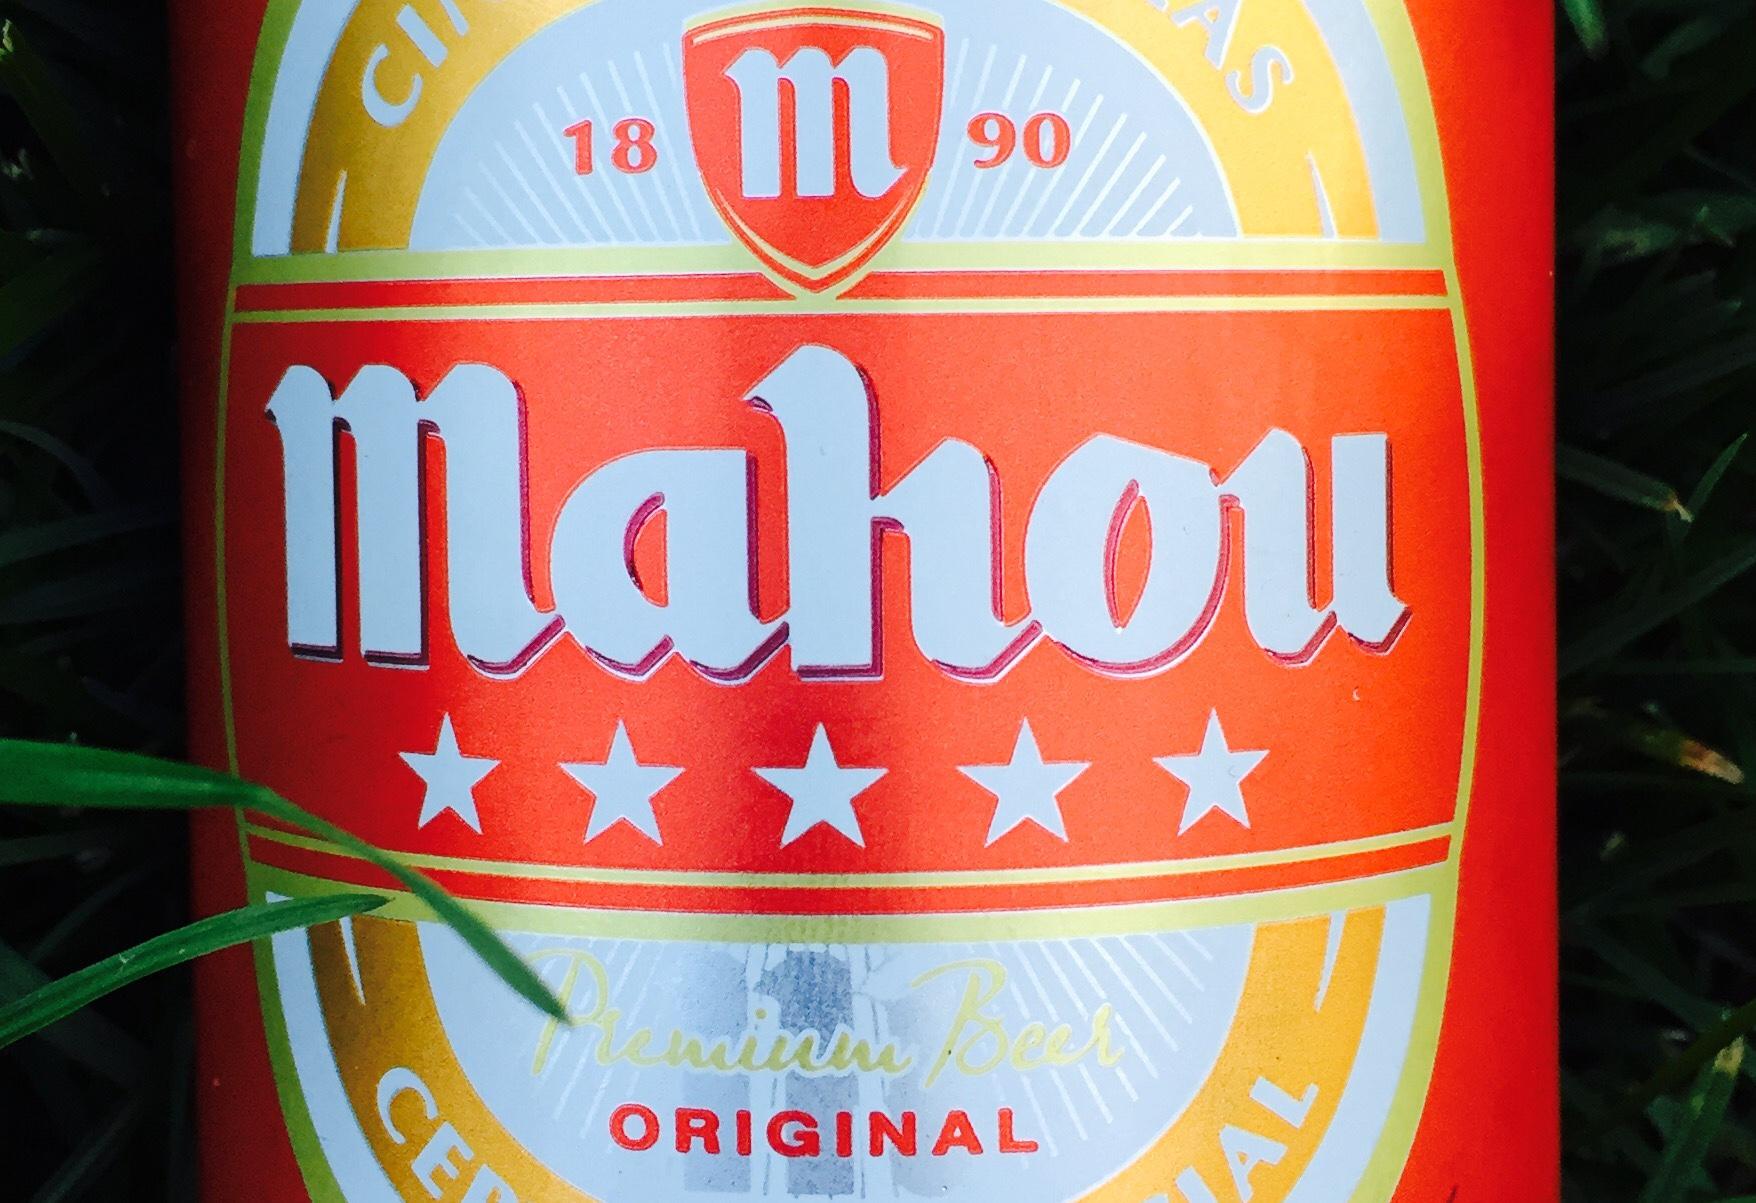 Mahou - Original